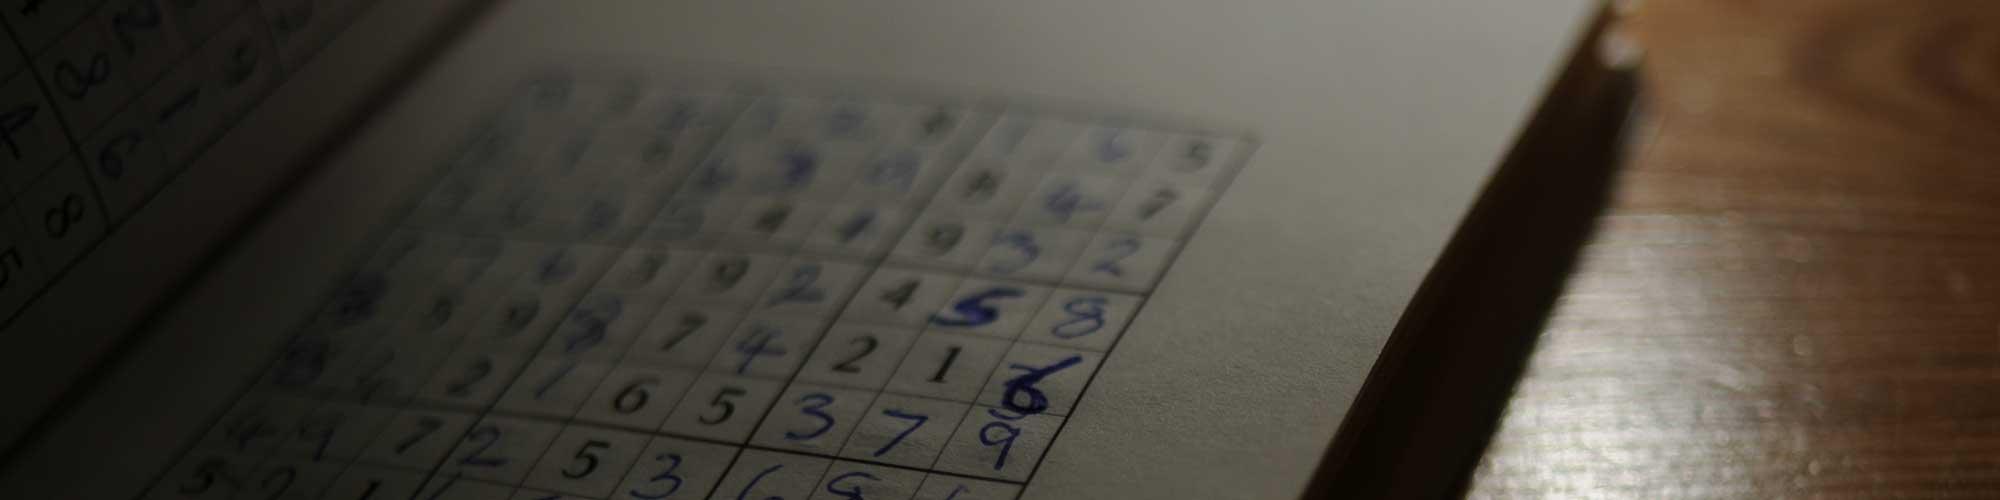 Sudoku header